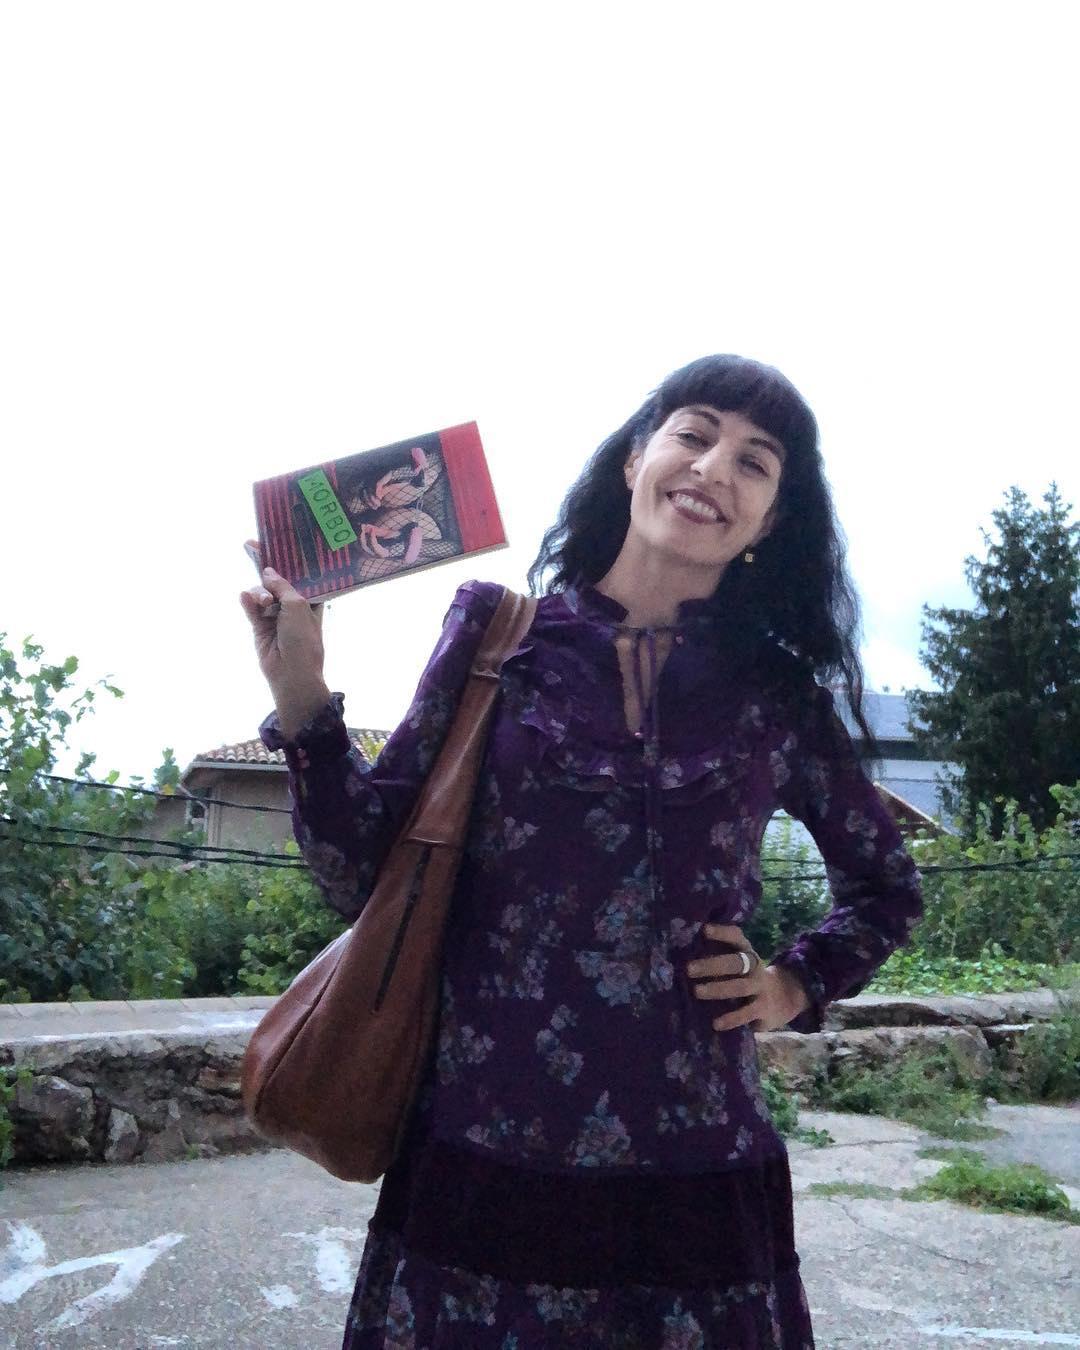 """Amb els ulls tancats / em gaudeixo. Amb els ulls oberts / m'aprecies qualsevol dels orificis. / Per això és que parpellejo, / per tenir-ho tot. Roser Amills, poema de """"Morbo"""", Cossetània 2012 (2ª edició, bilingüe català-castellà)"""